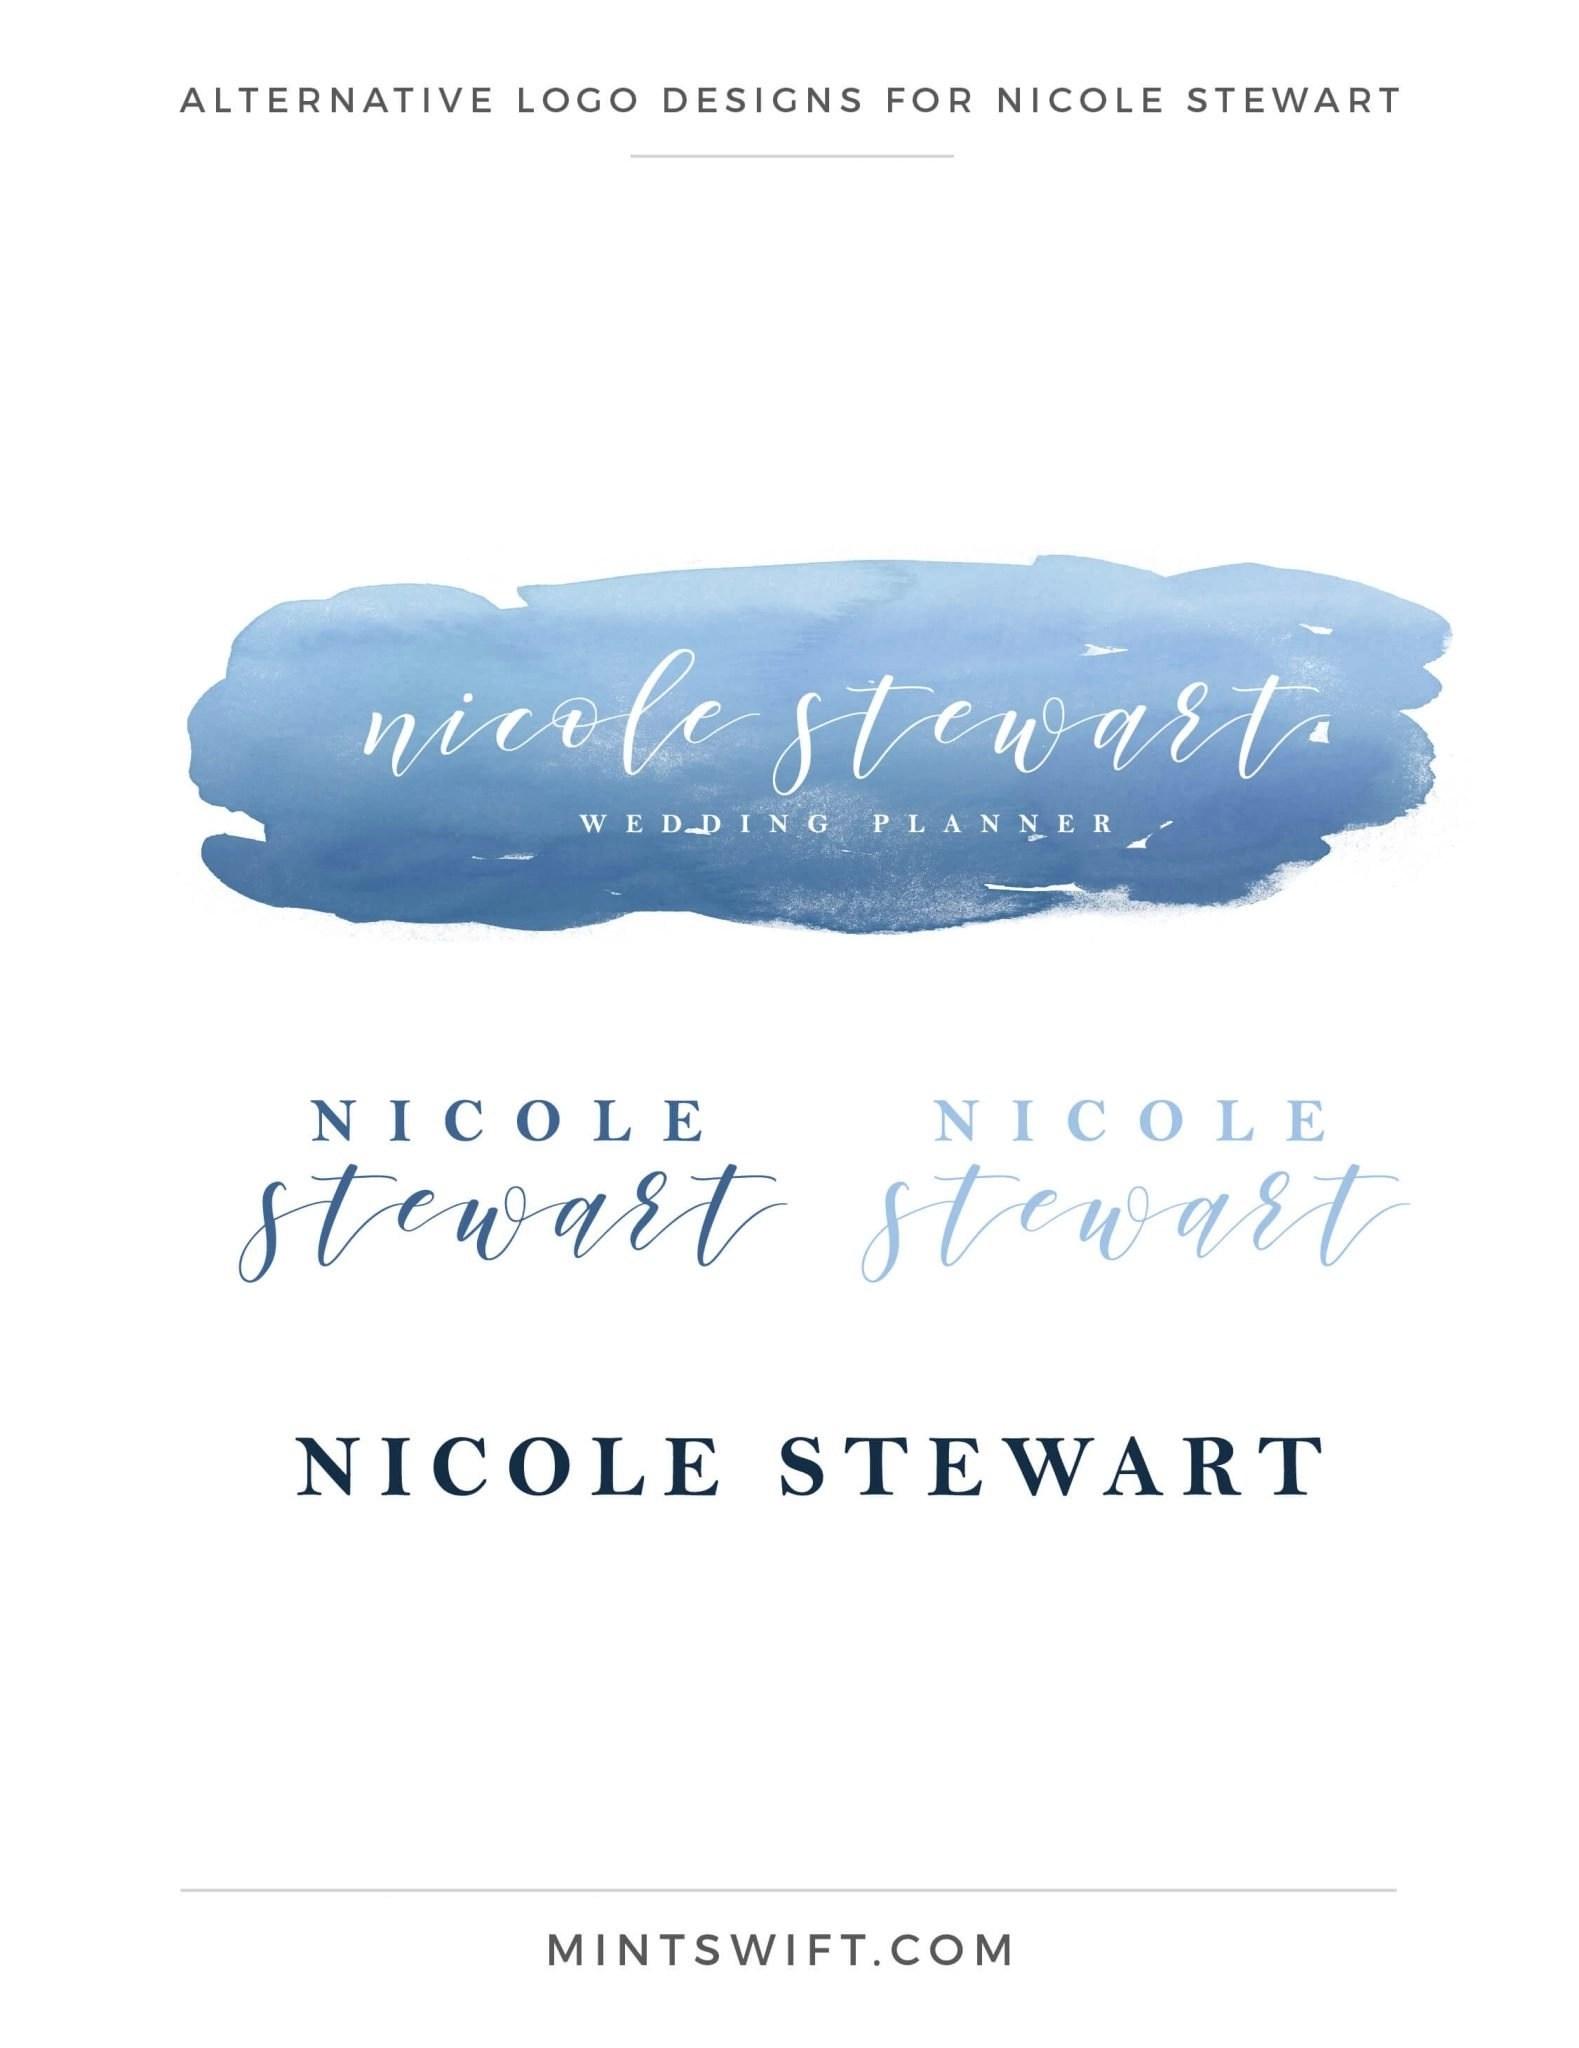 Nicole Stewart - Alternative Logo Designs - Brand Design Package - MintSwift